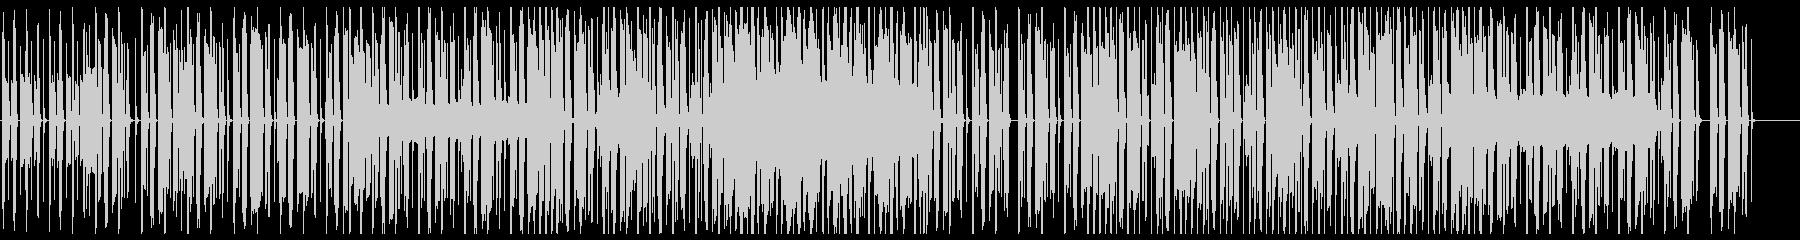 オシャレなチル系ビート 歌なしサックス有の未再生の波形